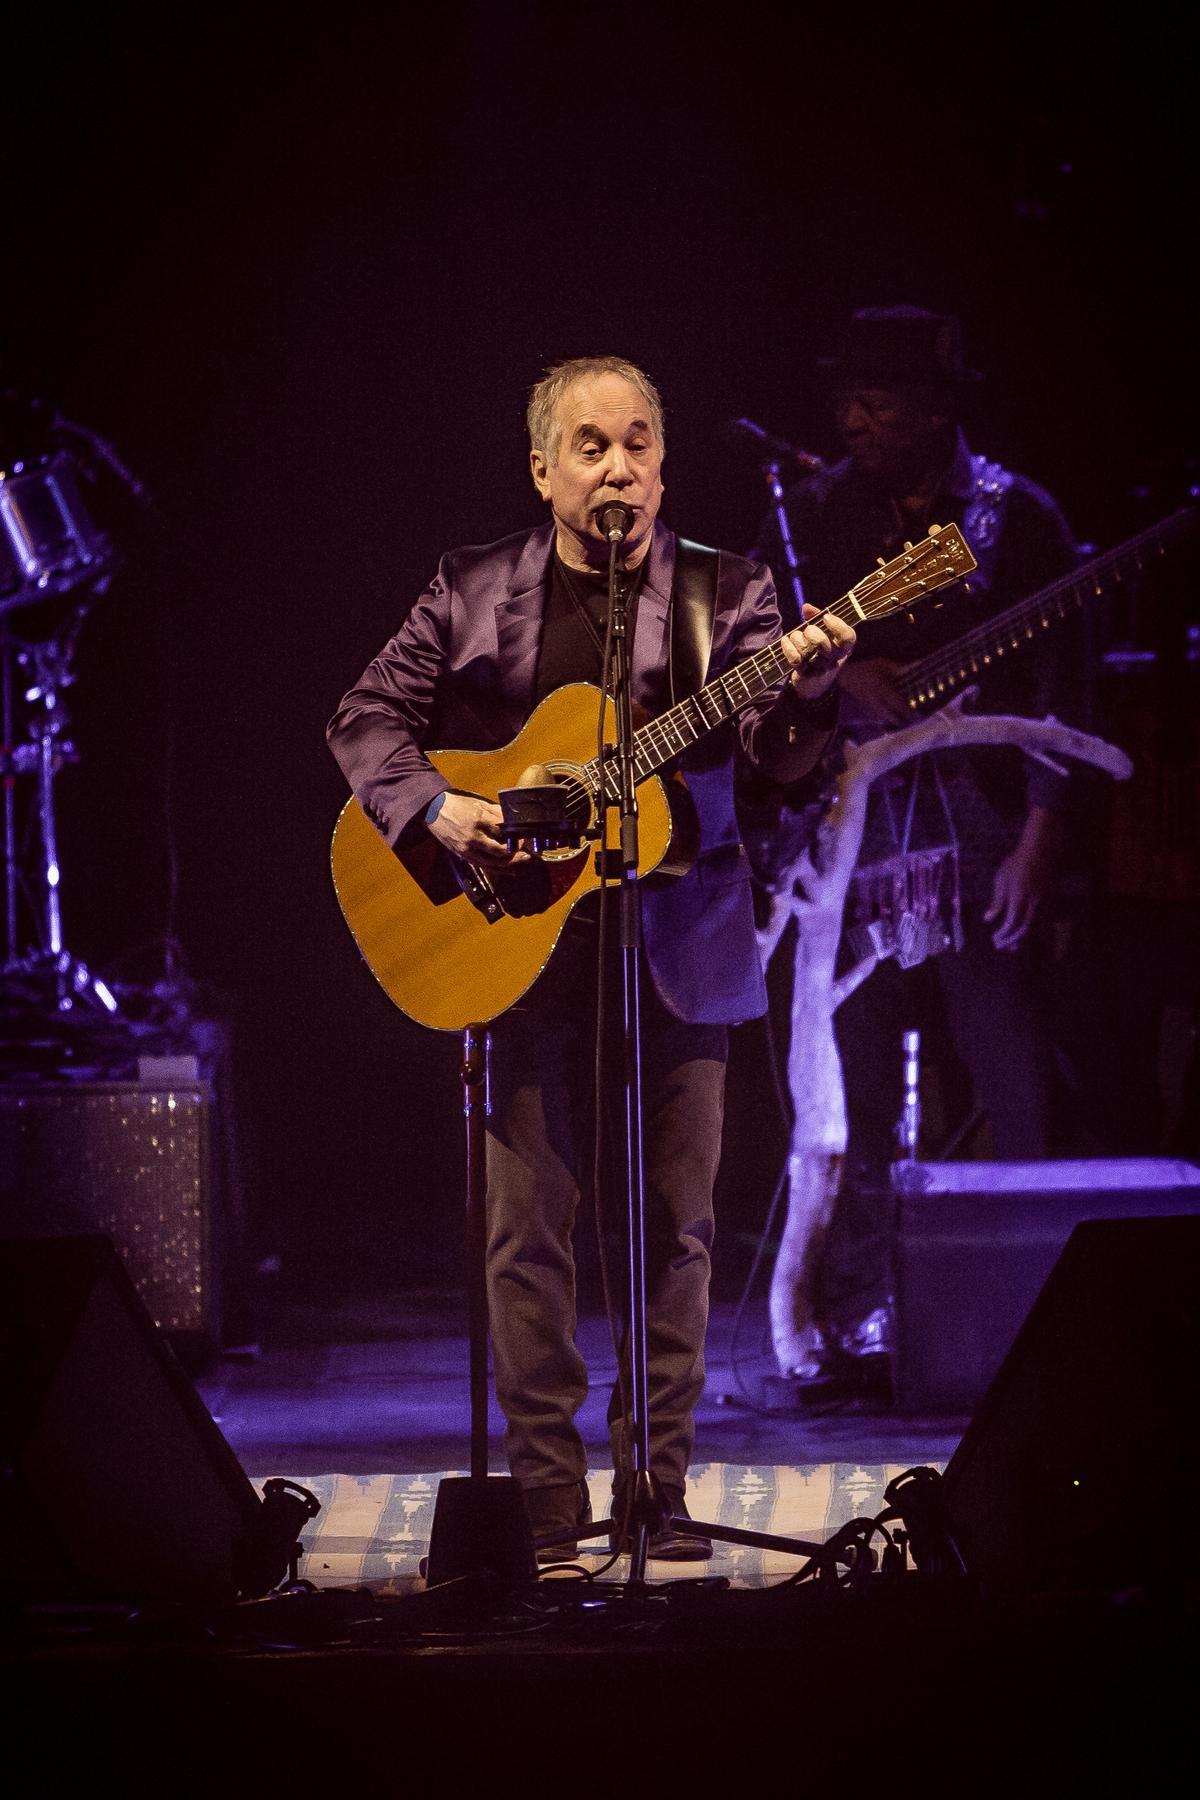 保羅賽門在1983年推出的歌曲<Hearts and Bones>,寫的就是他與嘉莉費雪的戀情。